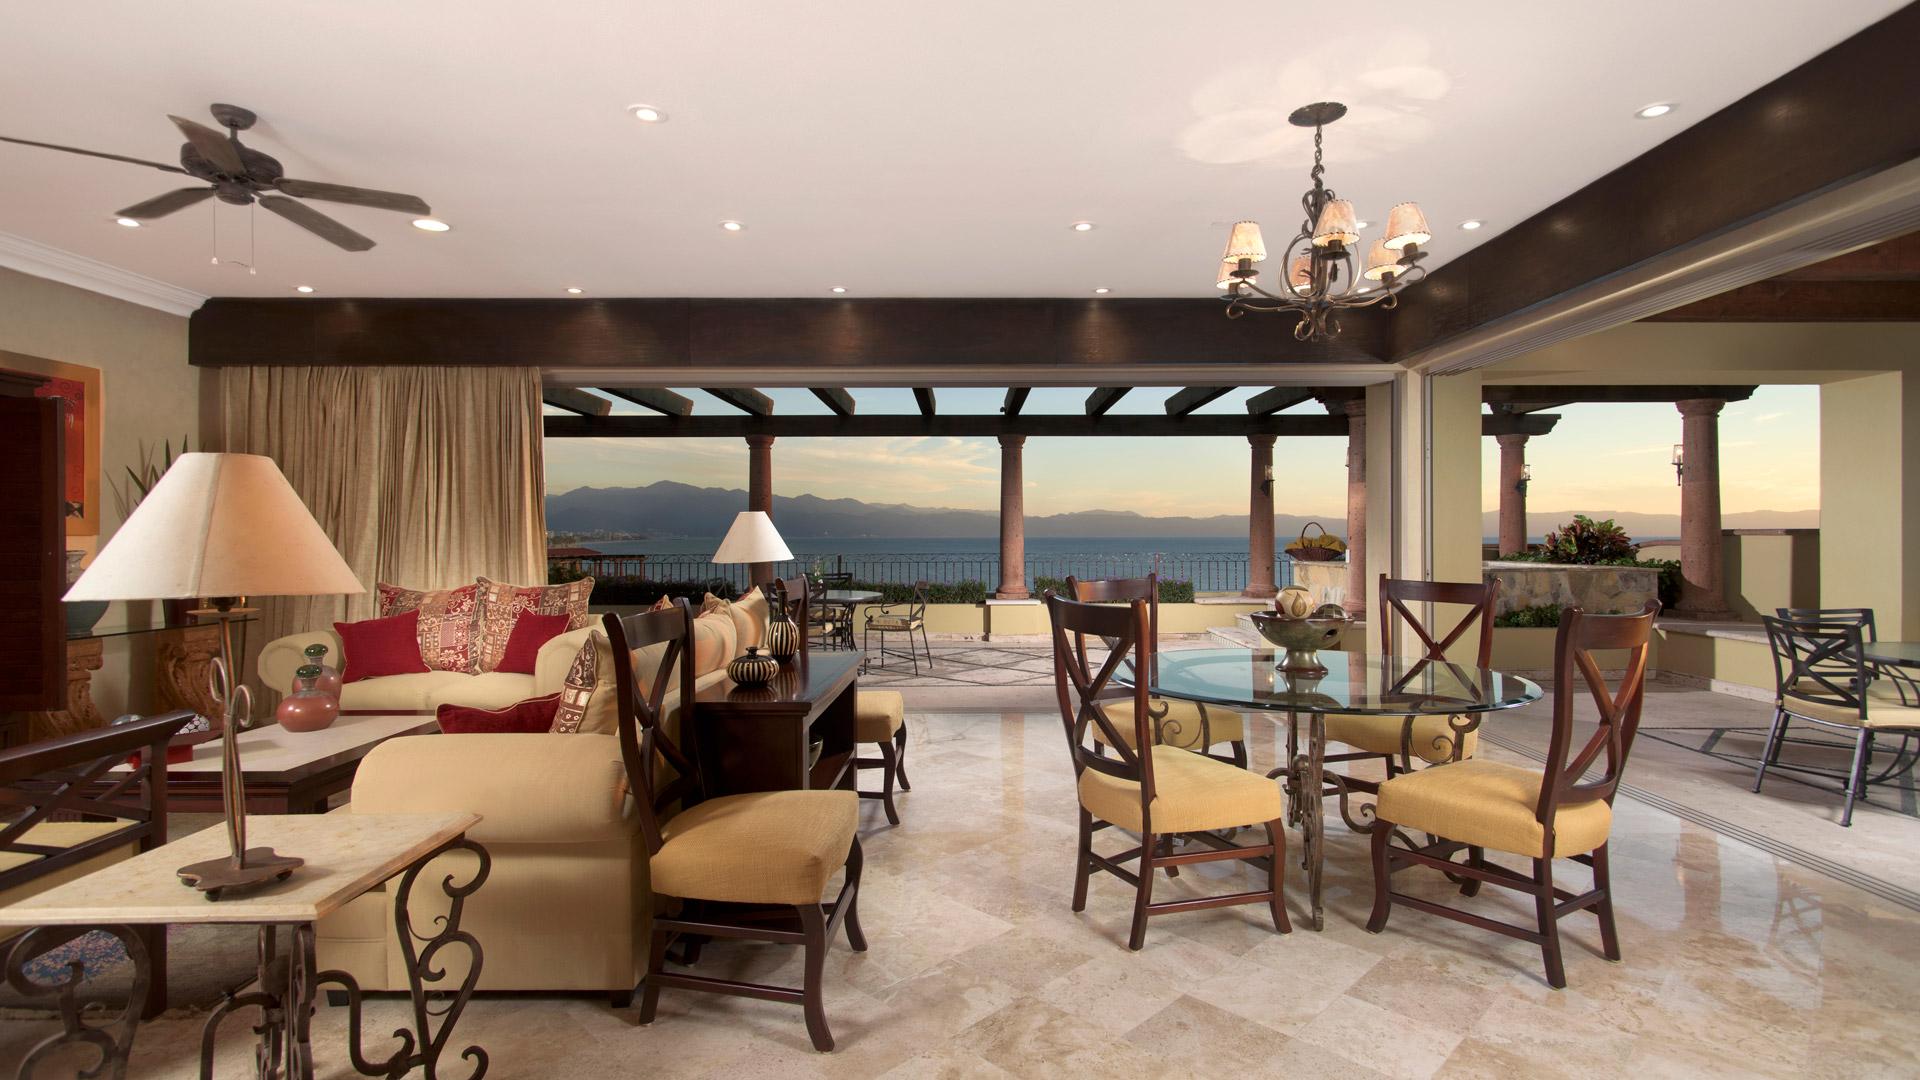 Villa la estancia riviera nayarit presidential three bedroom suite cover 1